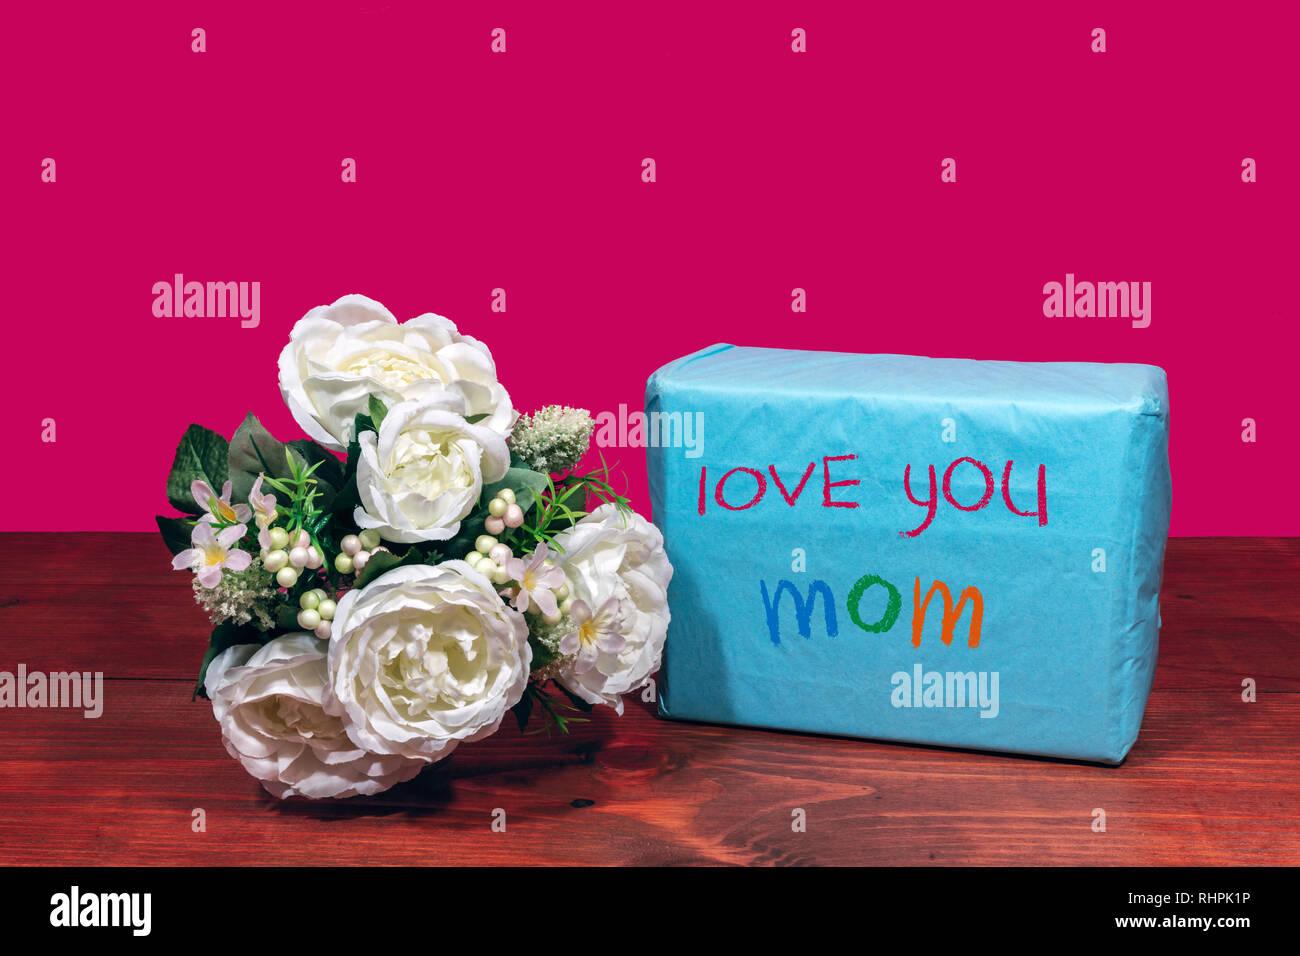 Schonen Blumenstrauss Arrangiert Blumen Und Ein Geschenk Mit Einer